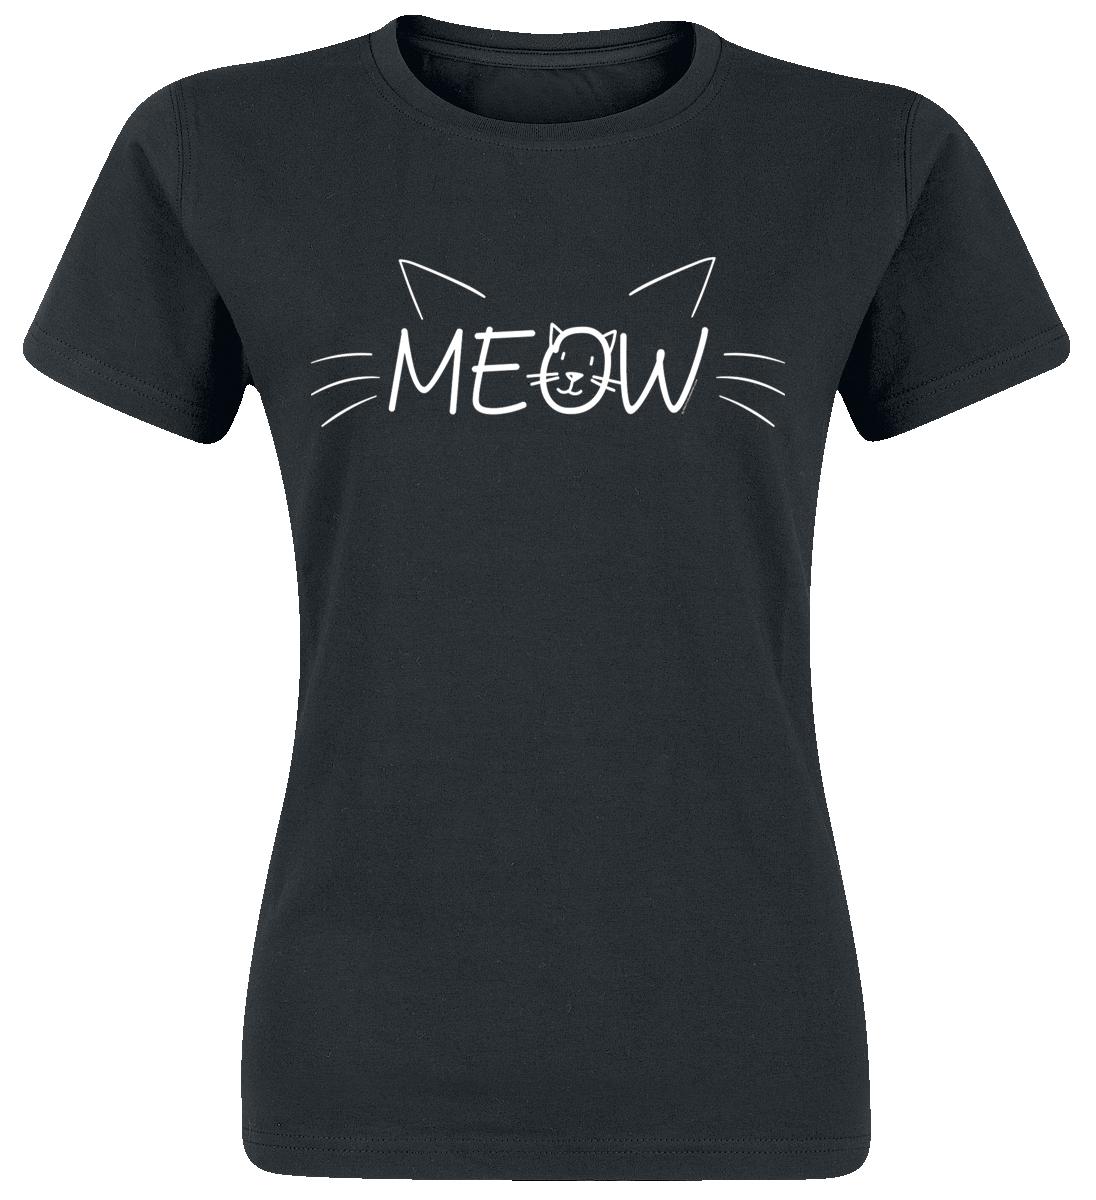 MEOW -  - Girls shirt - black image